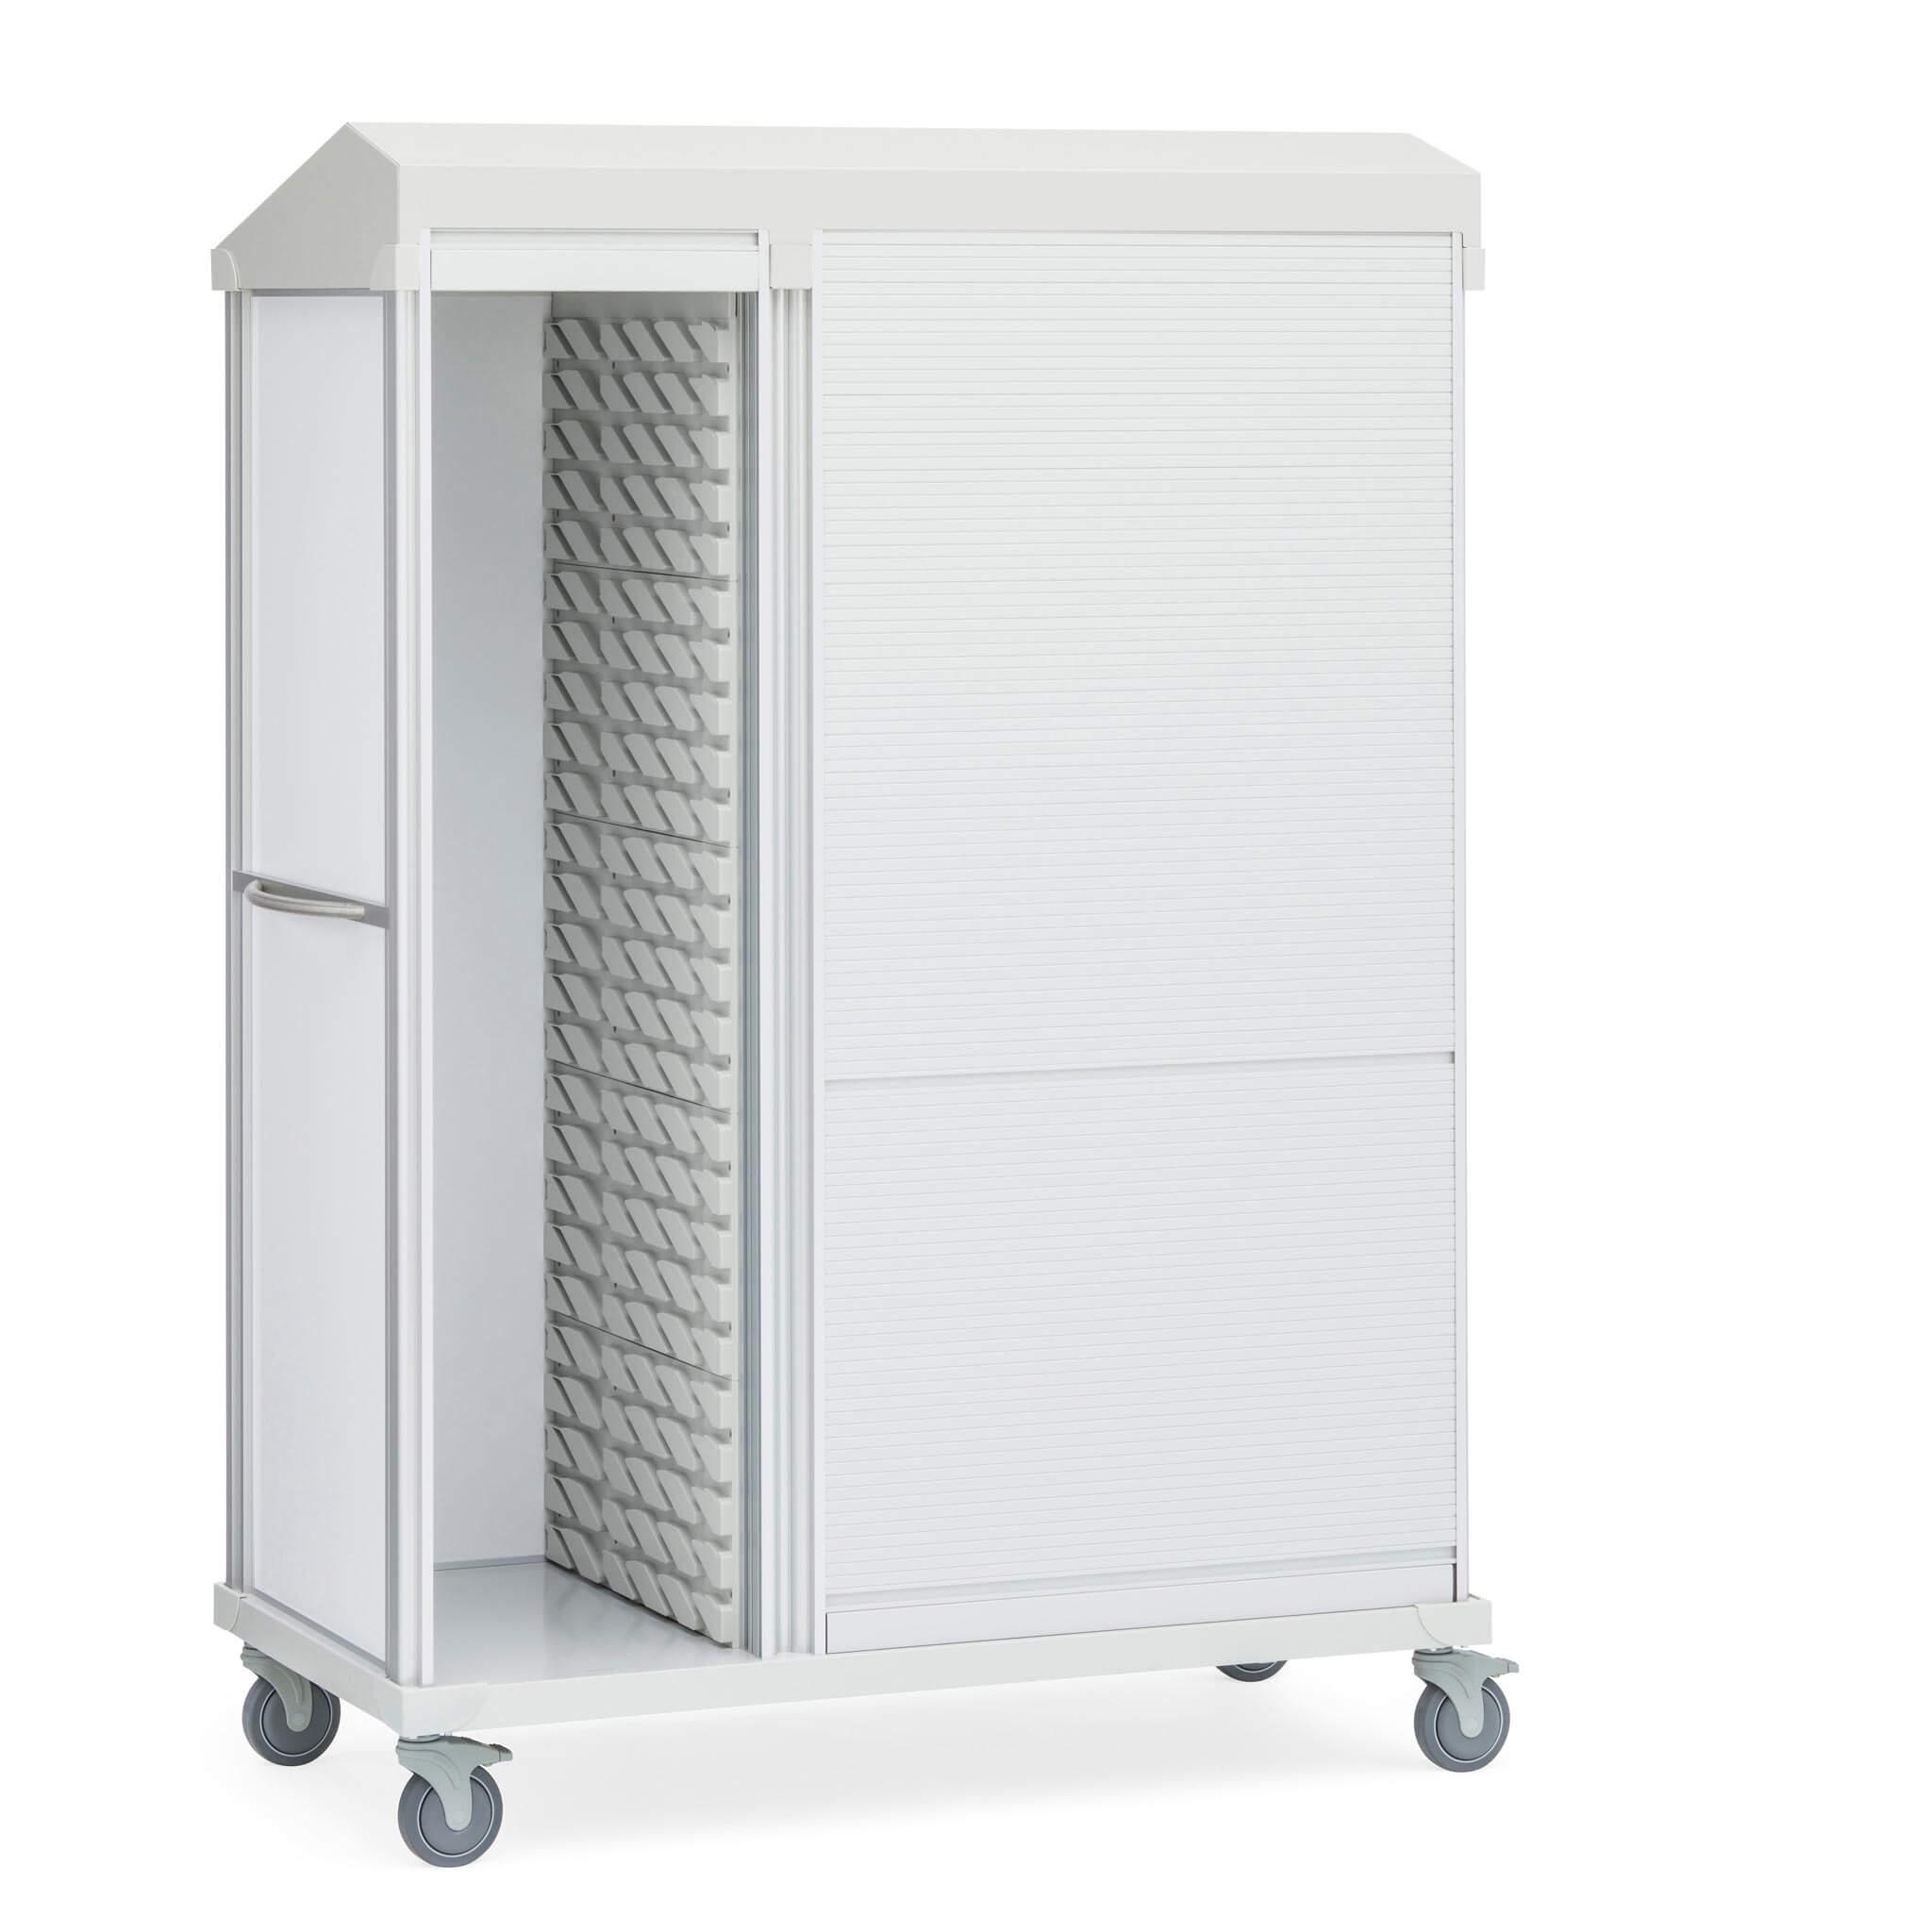 Roam 3 Supply Cart, Roll-Top, 2-Compartment Door Down